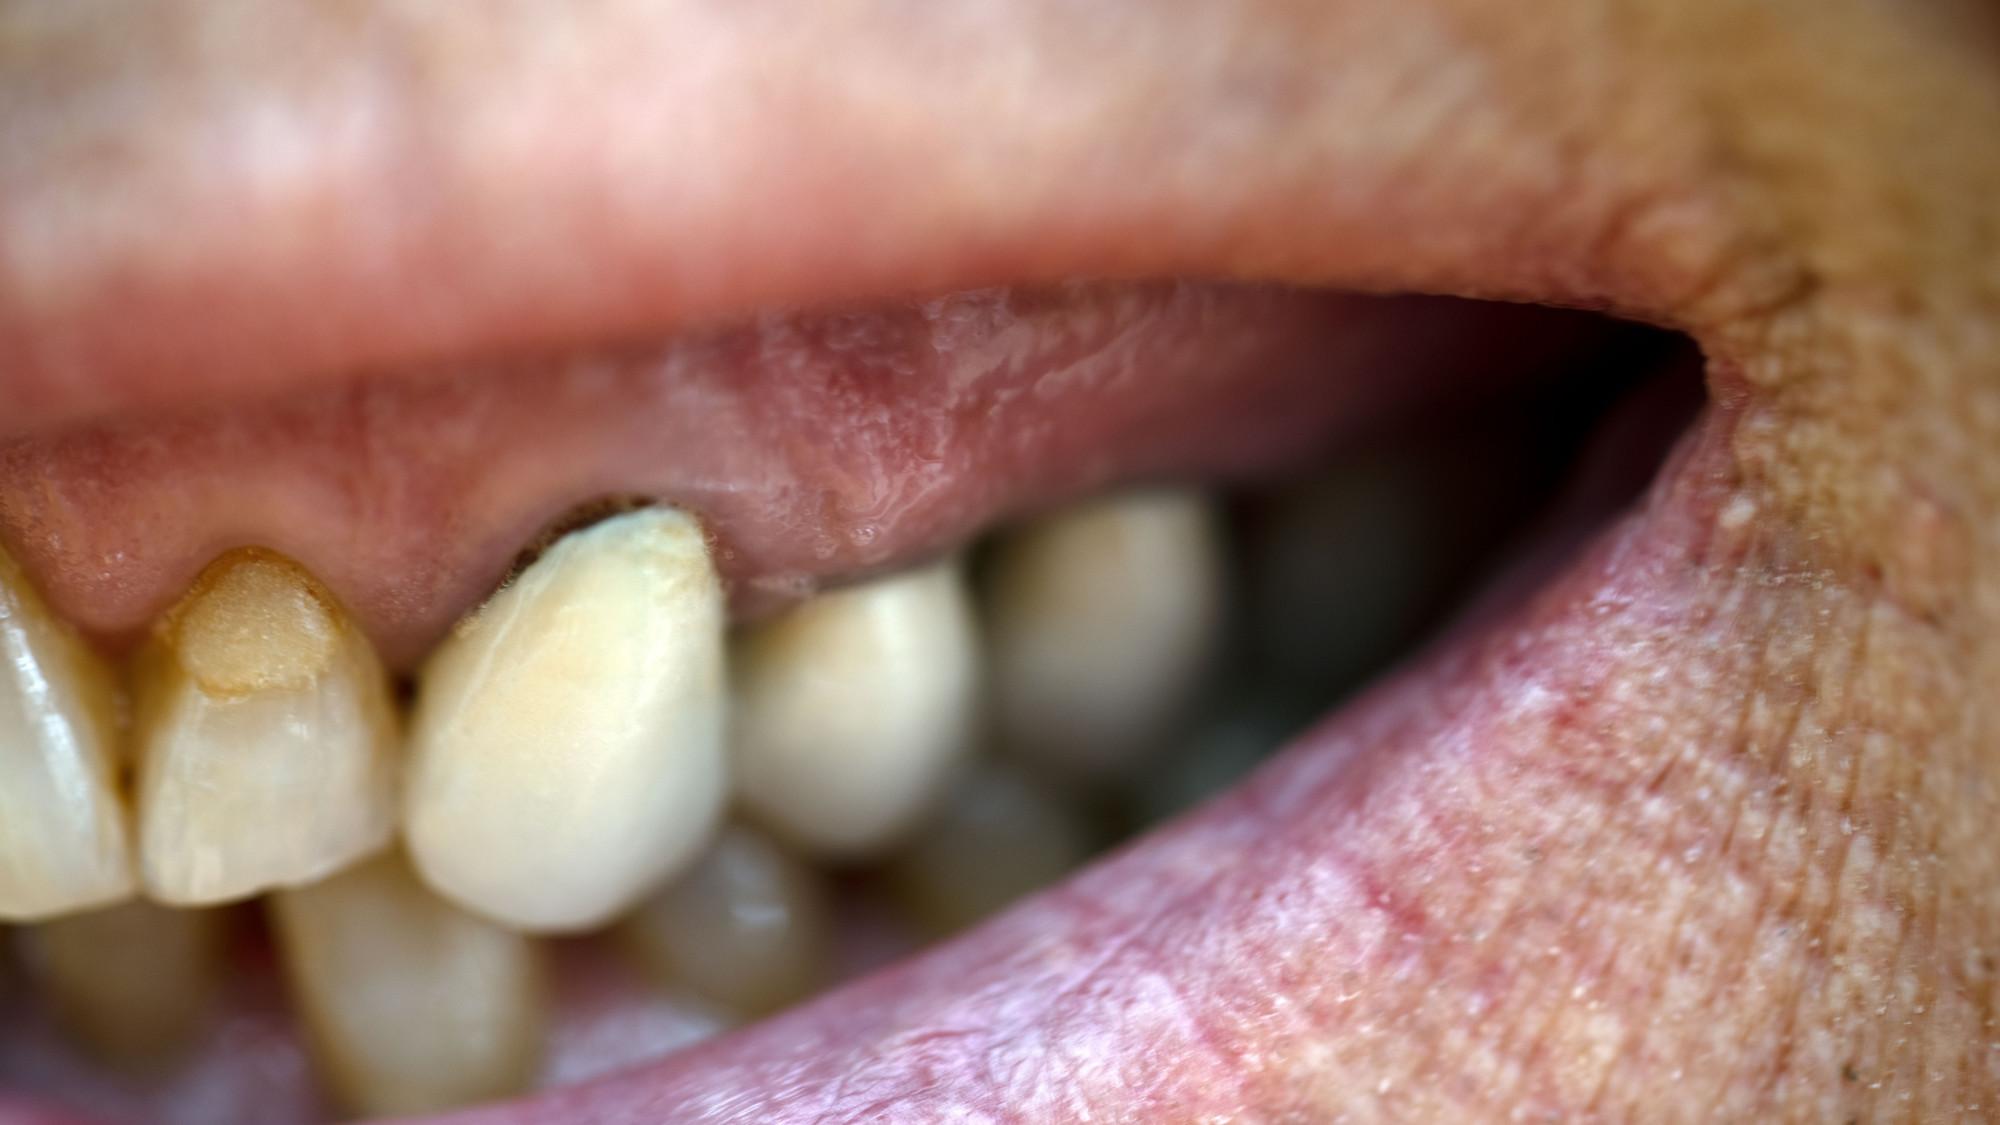 Achtung Zahnfleisch geht zurück: dunkle Ränder an